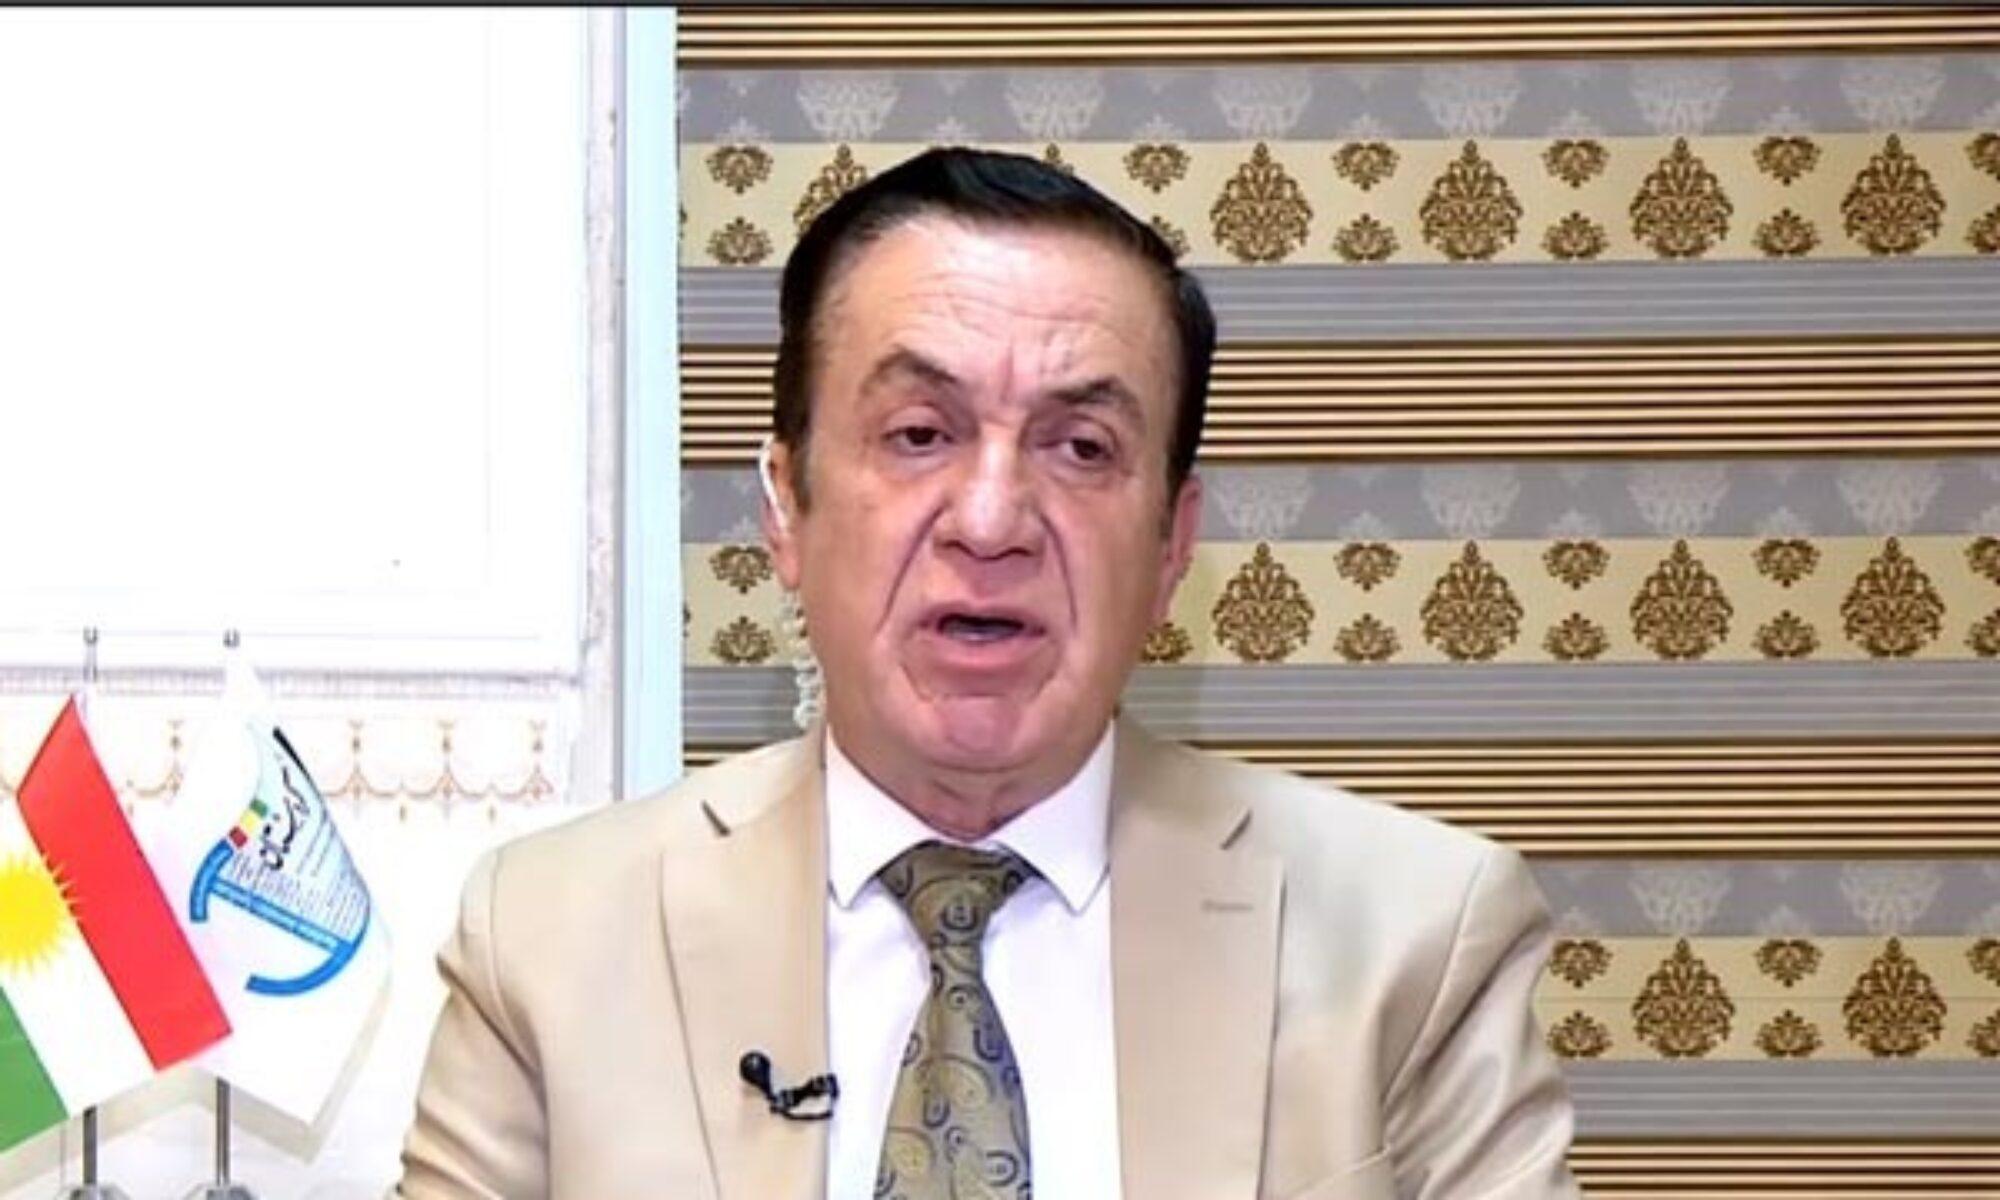 Kürdistan Gazeteciler Sendikası Başkanı Hemedemin: PYD yönetiminin Kürdistan24'ın ofisini kapatma kararı siyasidir